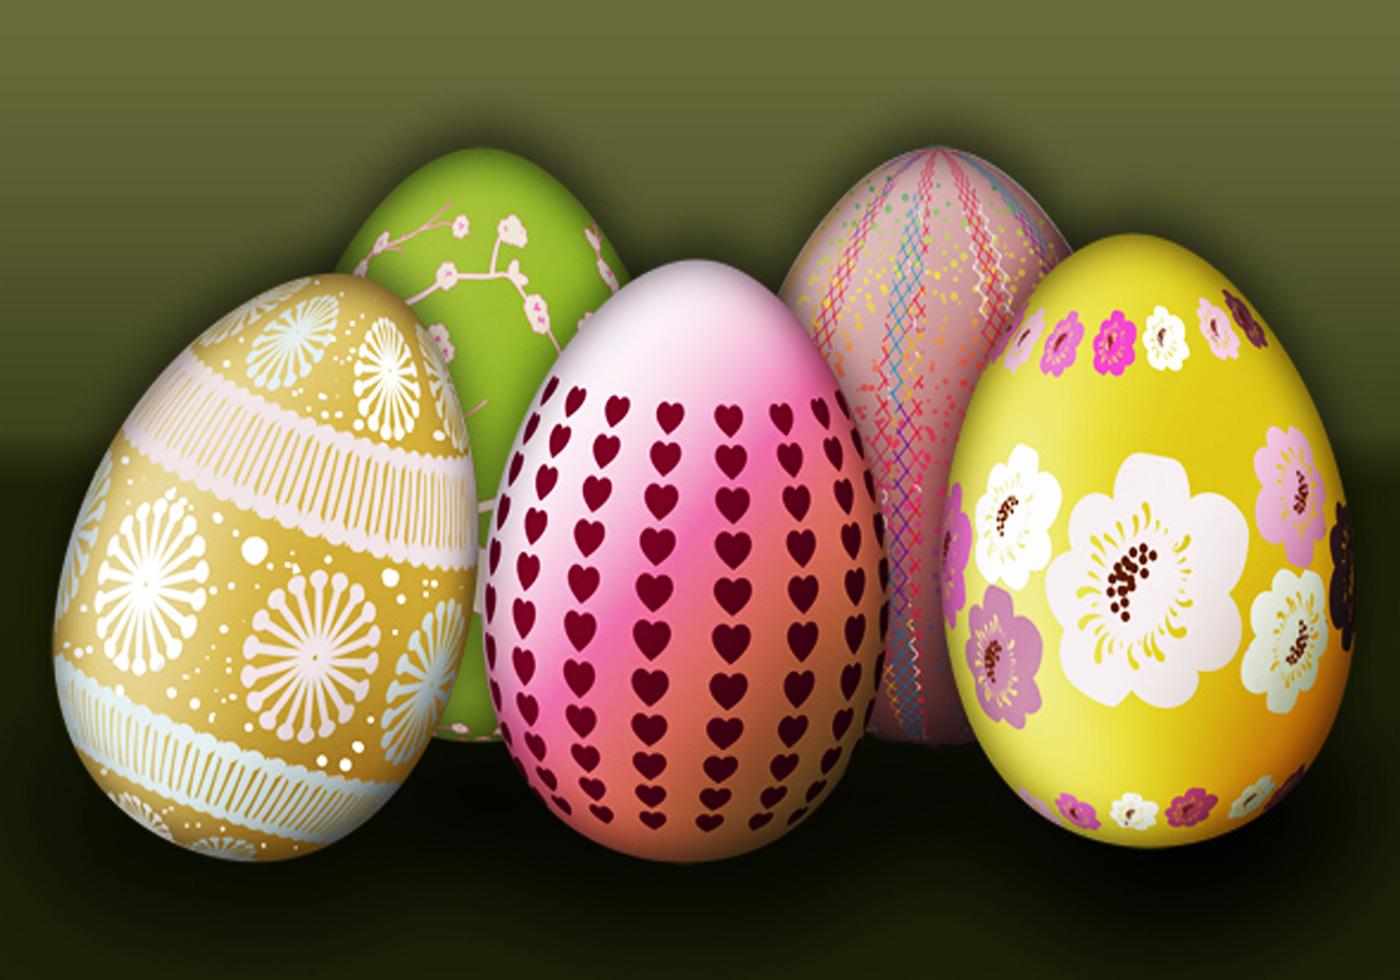 Easter Egg Brushes | Free Photoshop Brushes at Brusheezy!